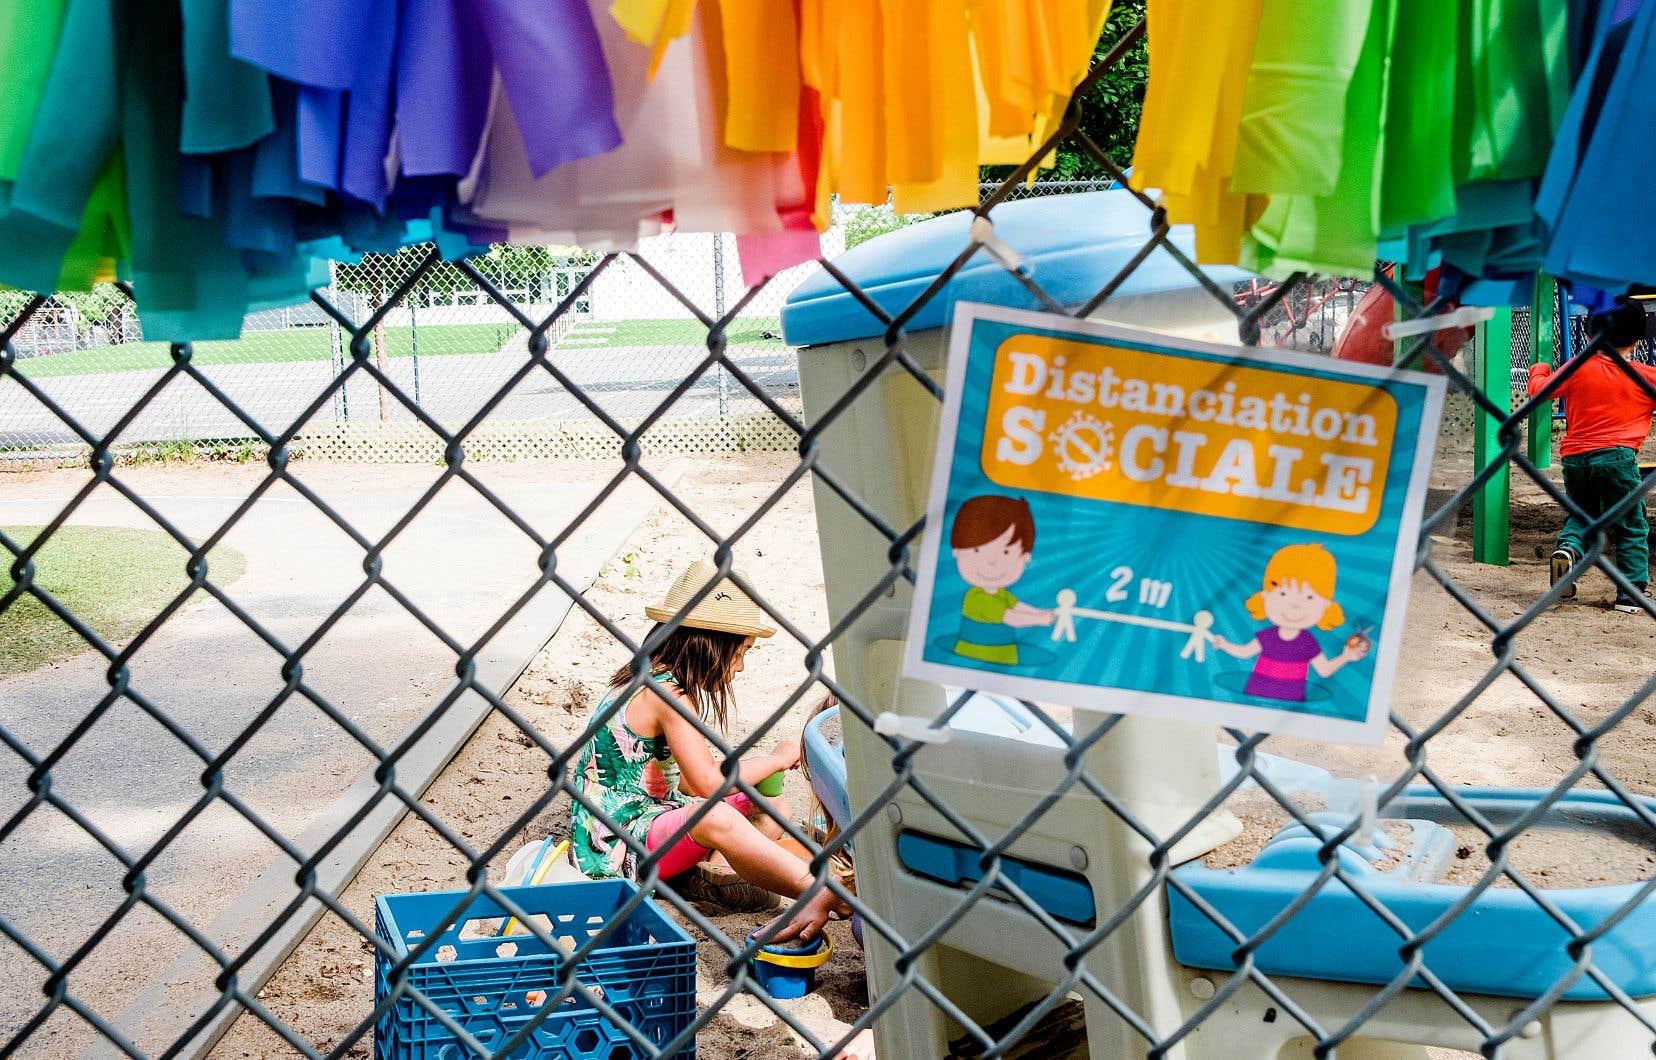 L'Association québécoise des centres de la petite enfance dit avoir indiqué aux autorités qu'elle souhaite qu'un «protocole clair» soit instauré.